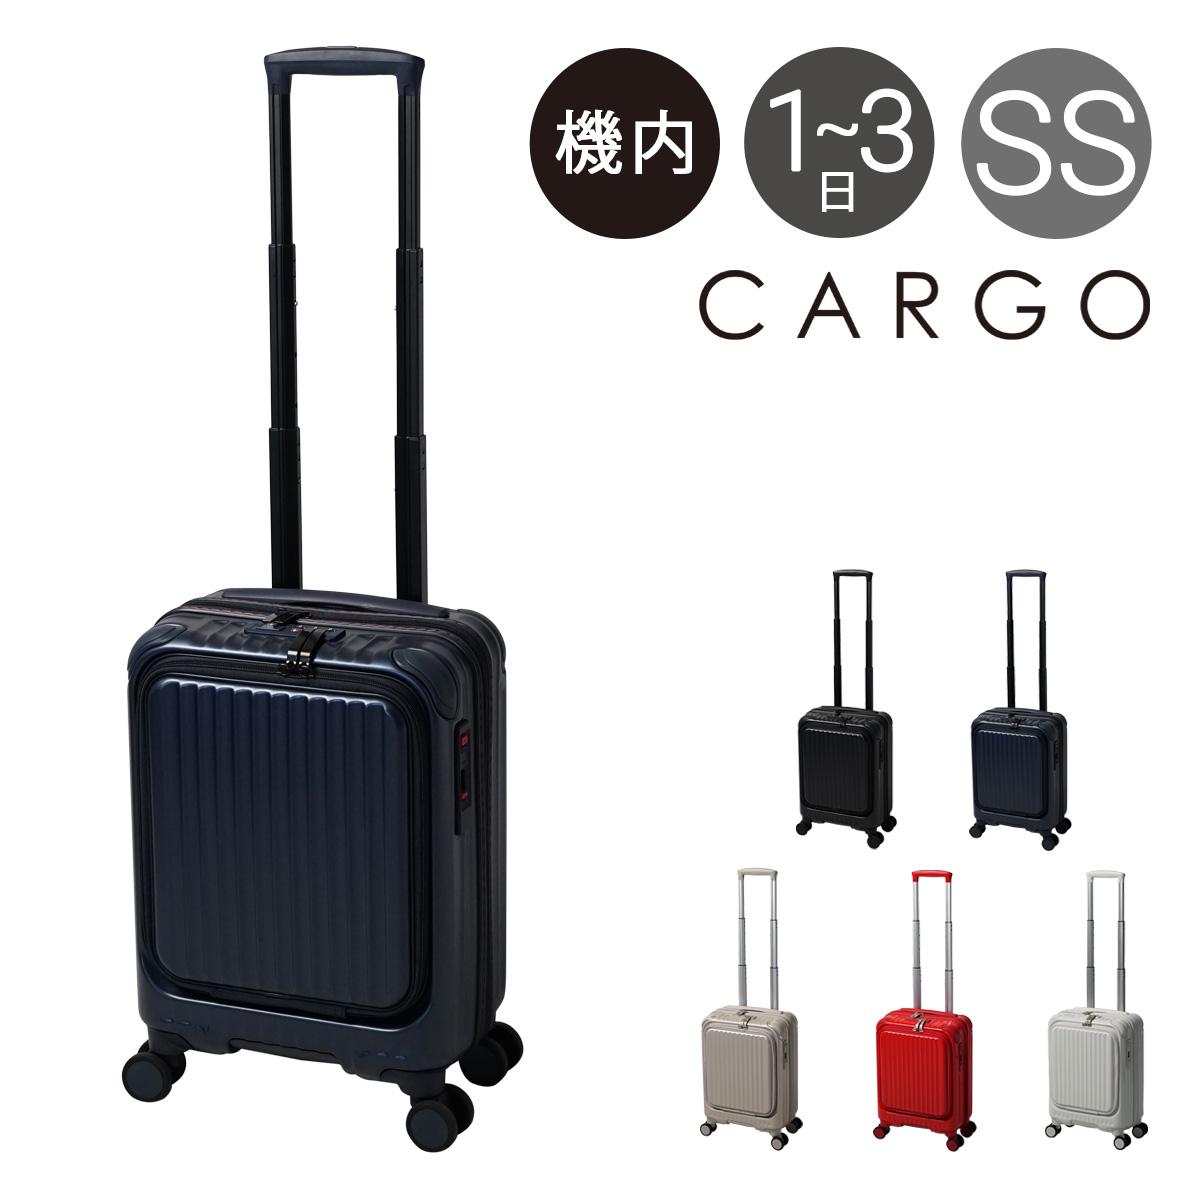 カーゴ スーツケース 機内持ち込み 22L 44cm 3.1kg エアレイヤー CAT235LY CARGO AiR LAYER|ハード ファスナー キャリーバッグ キャリーケース ビジネスキャリー フロントオープン ストッパー付き 静音 LCC対応 コインロッカー対応 TSAロック搭載 HINOMOTO[PO10]